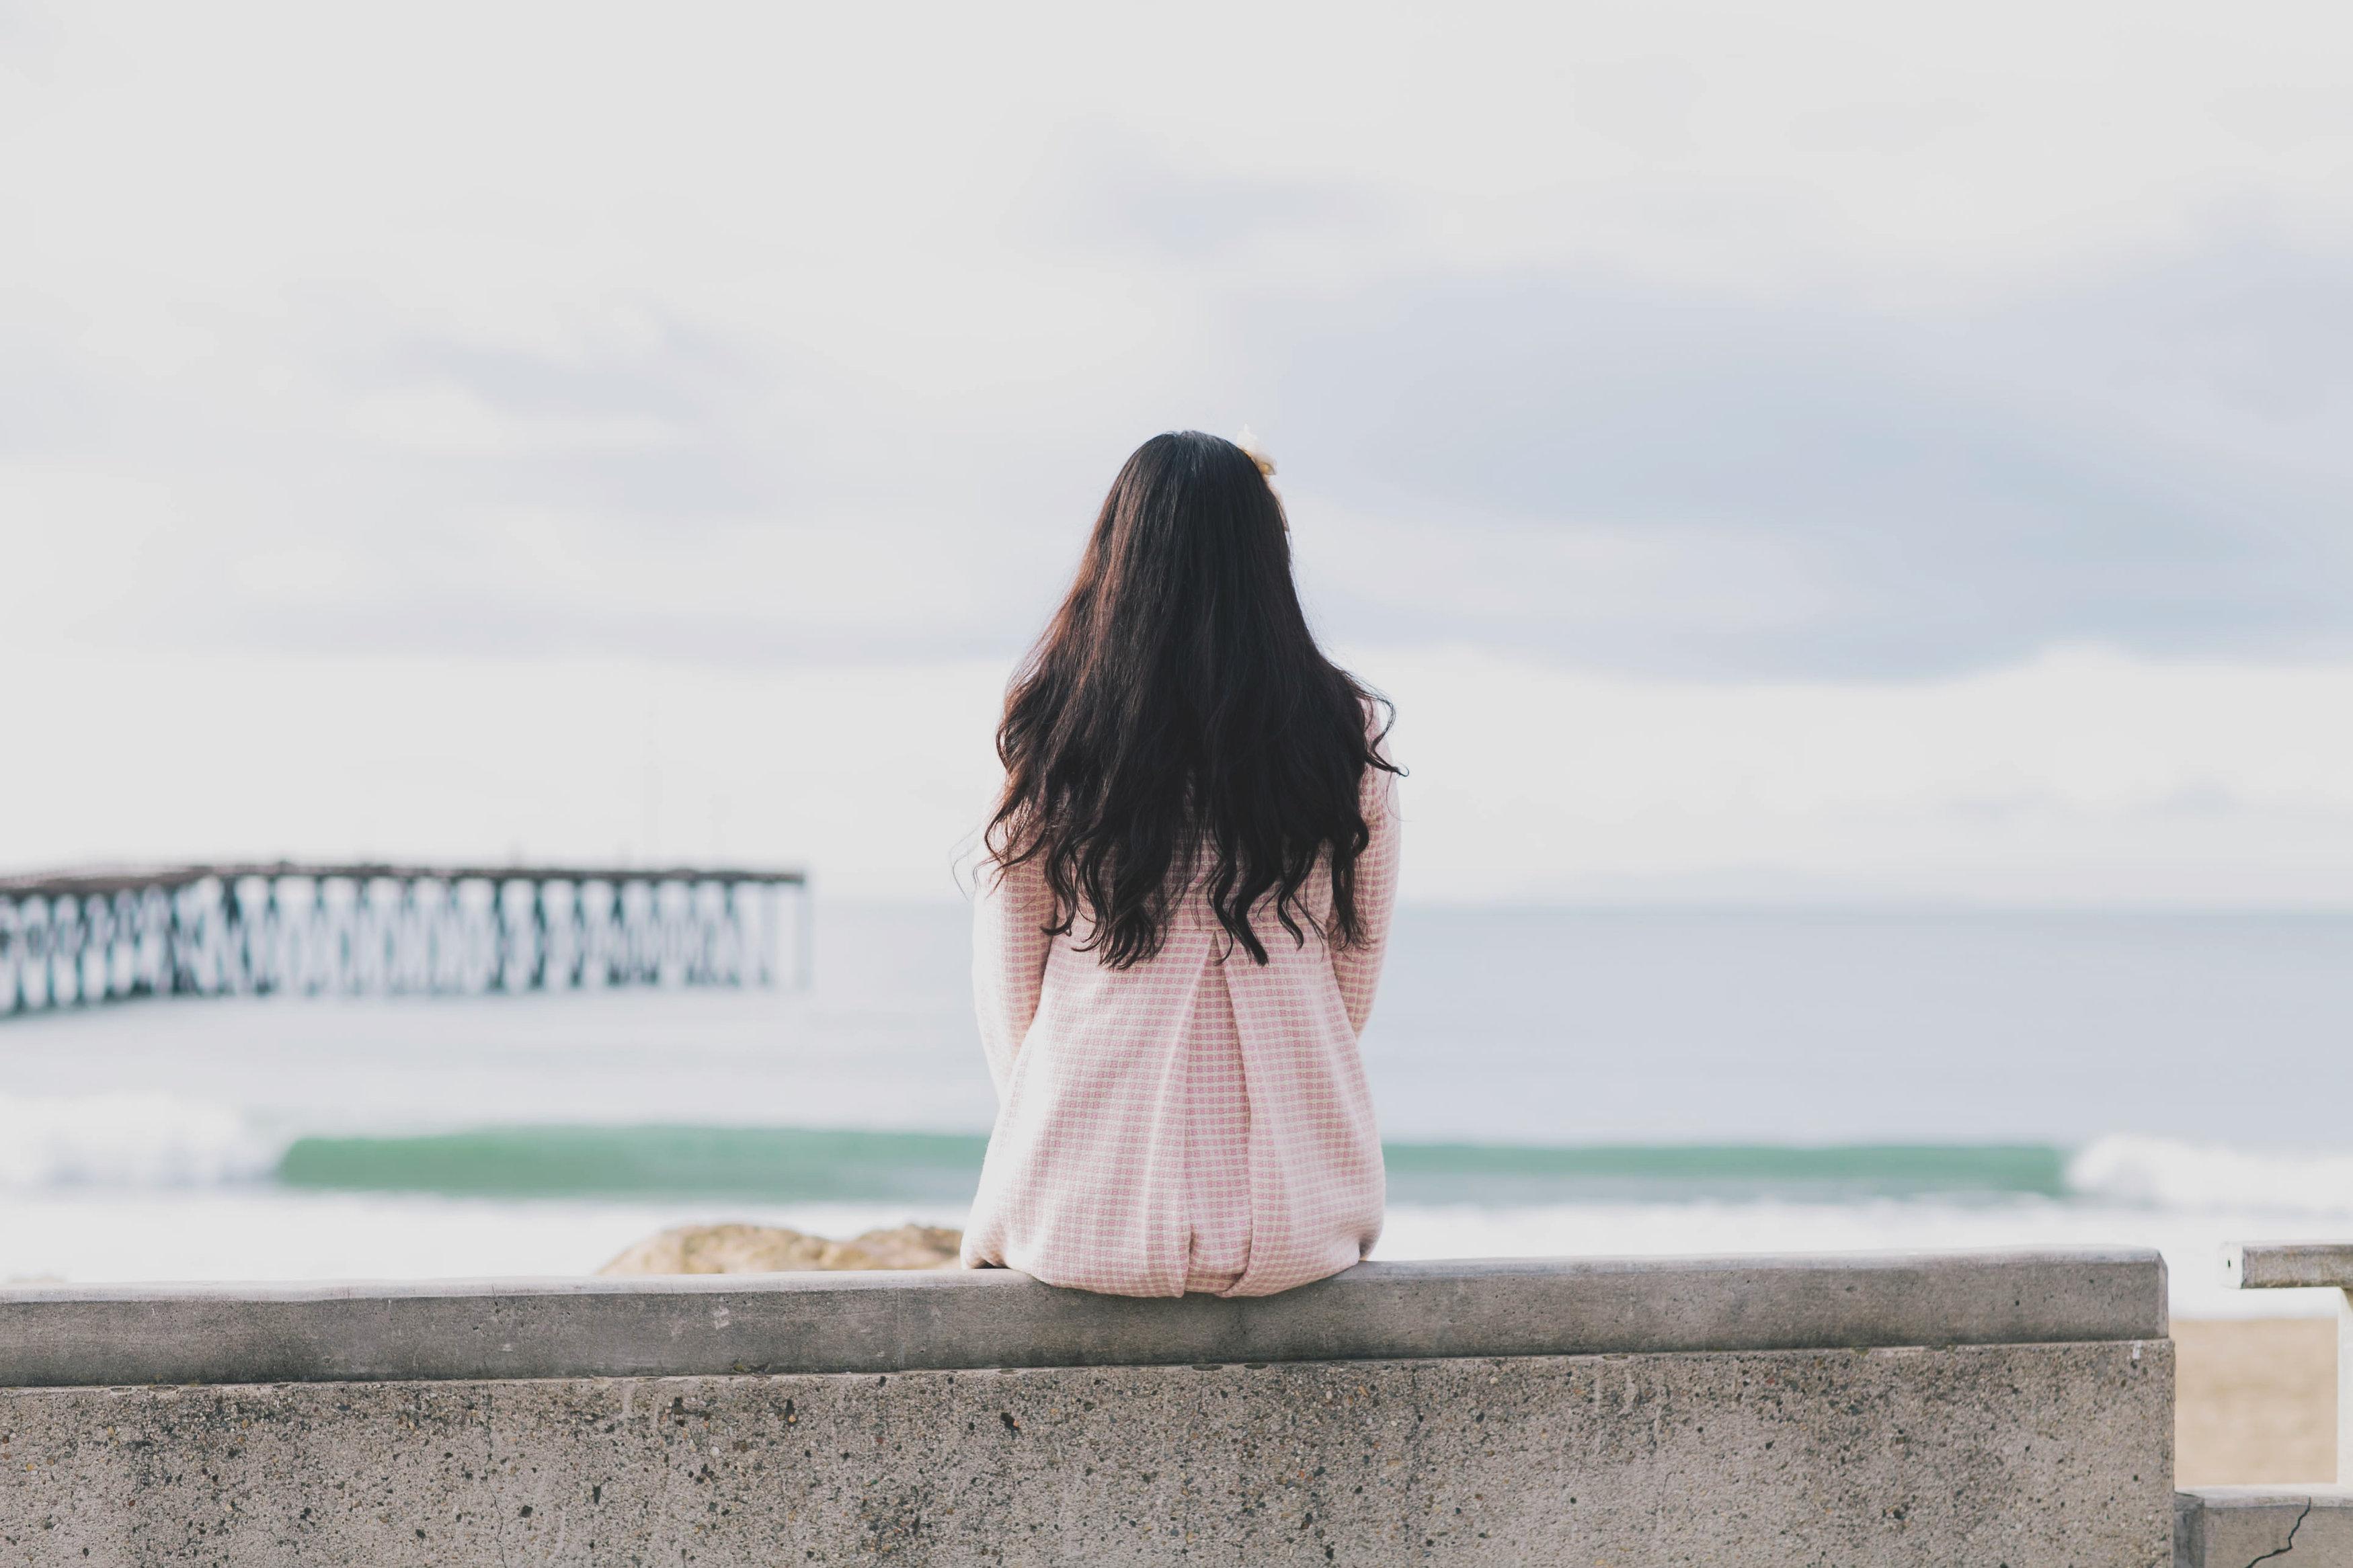 Dù đau khổ vì cuộc tình tan vỡ, phụ nữ cũng đừng làm những điều tổn hại đến mình - Ảnh 3